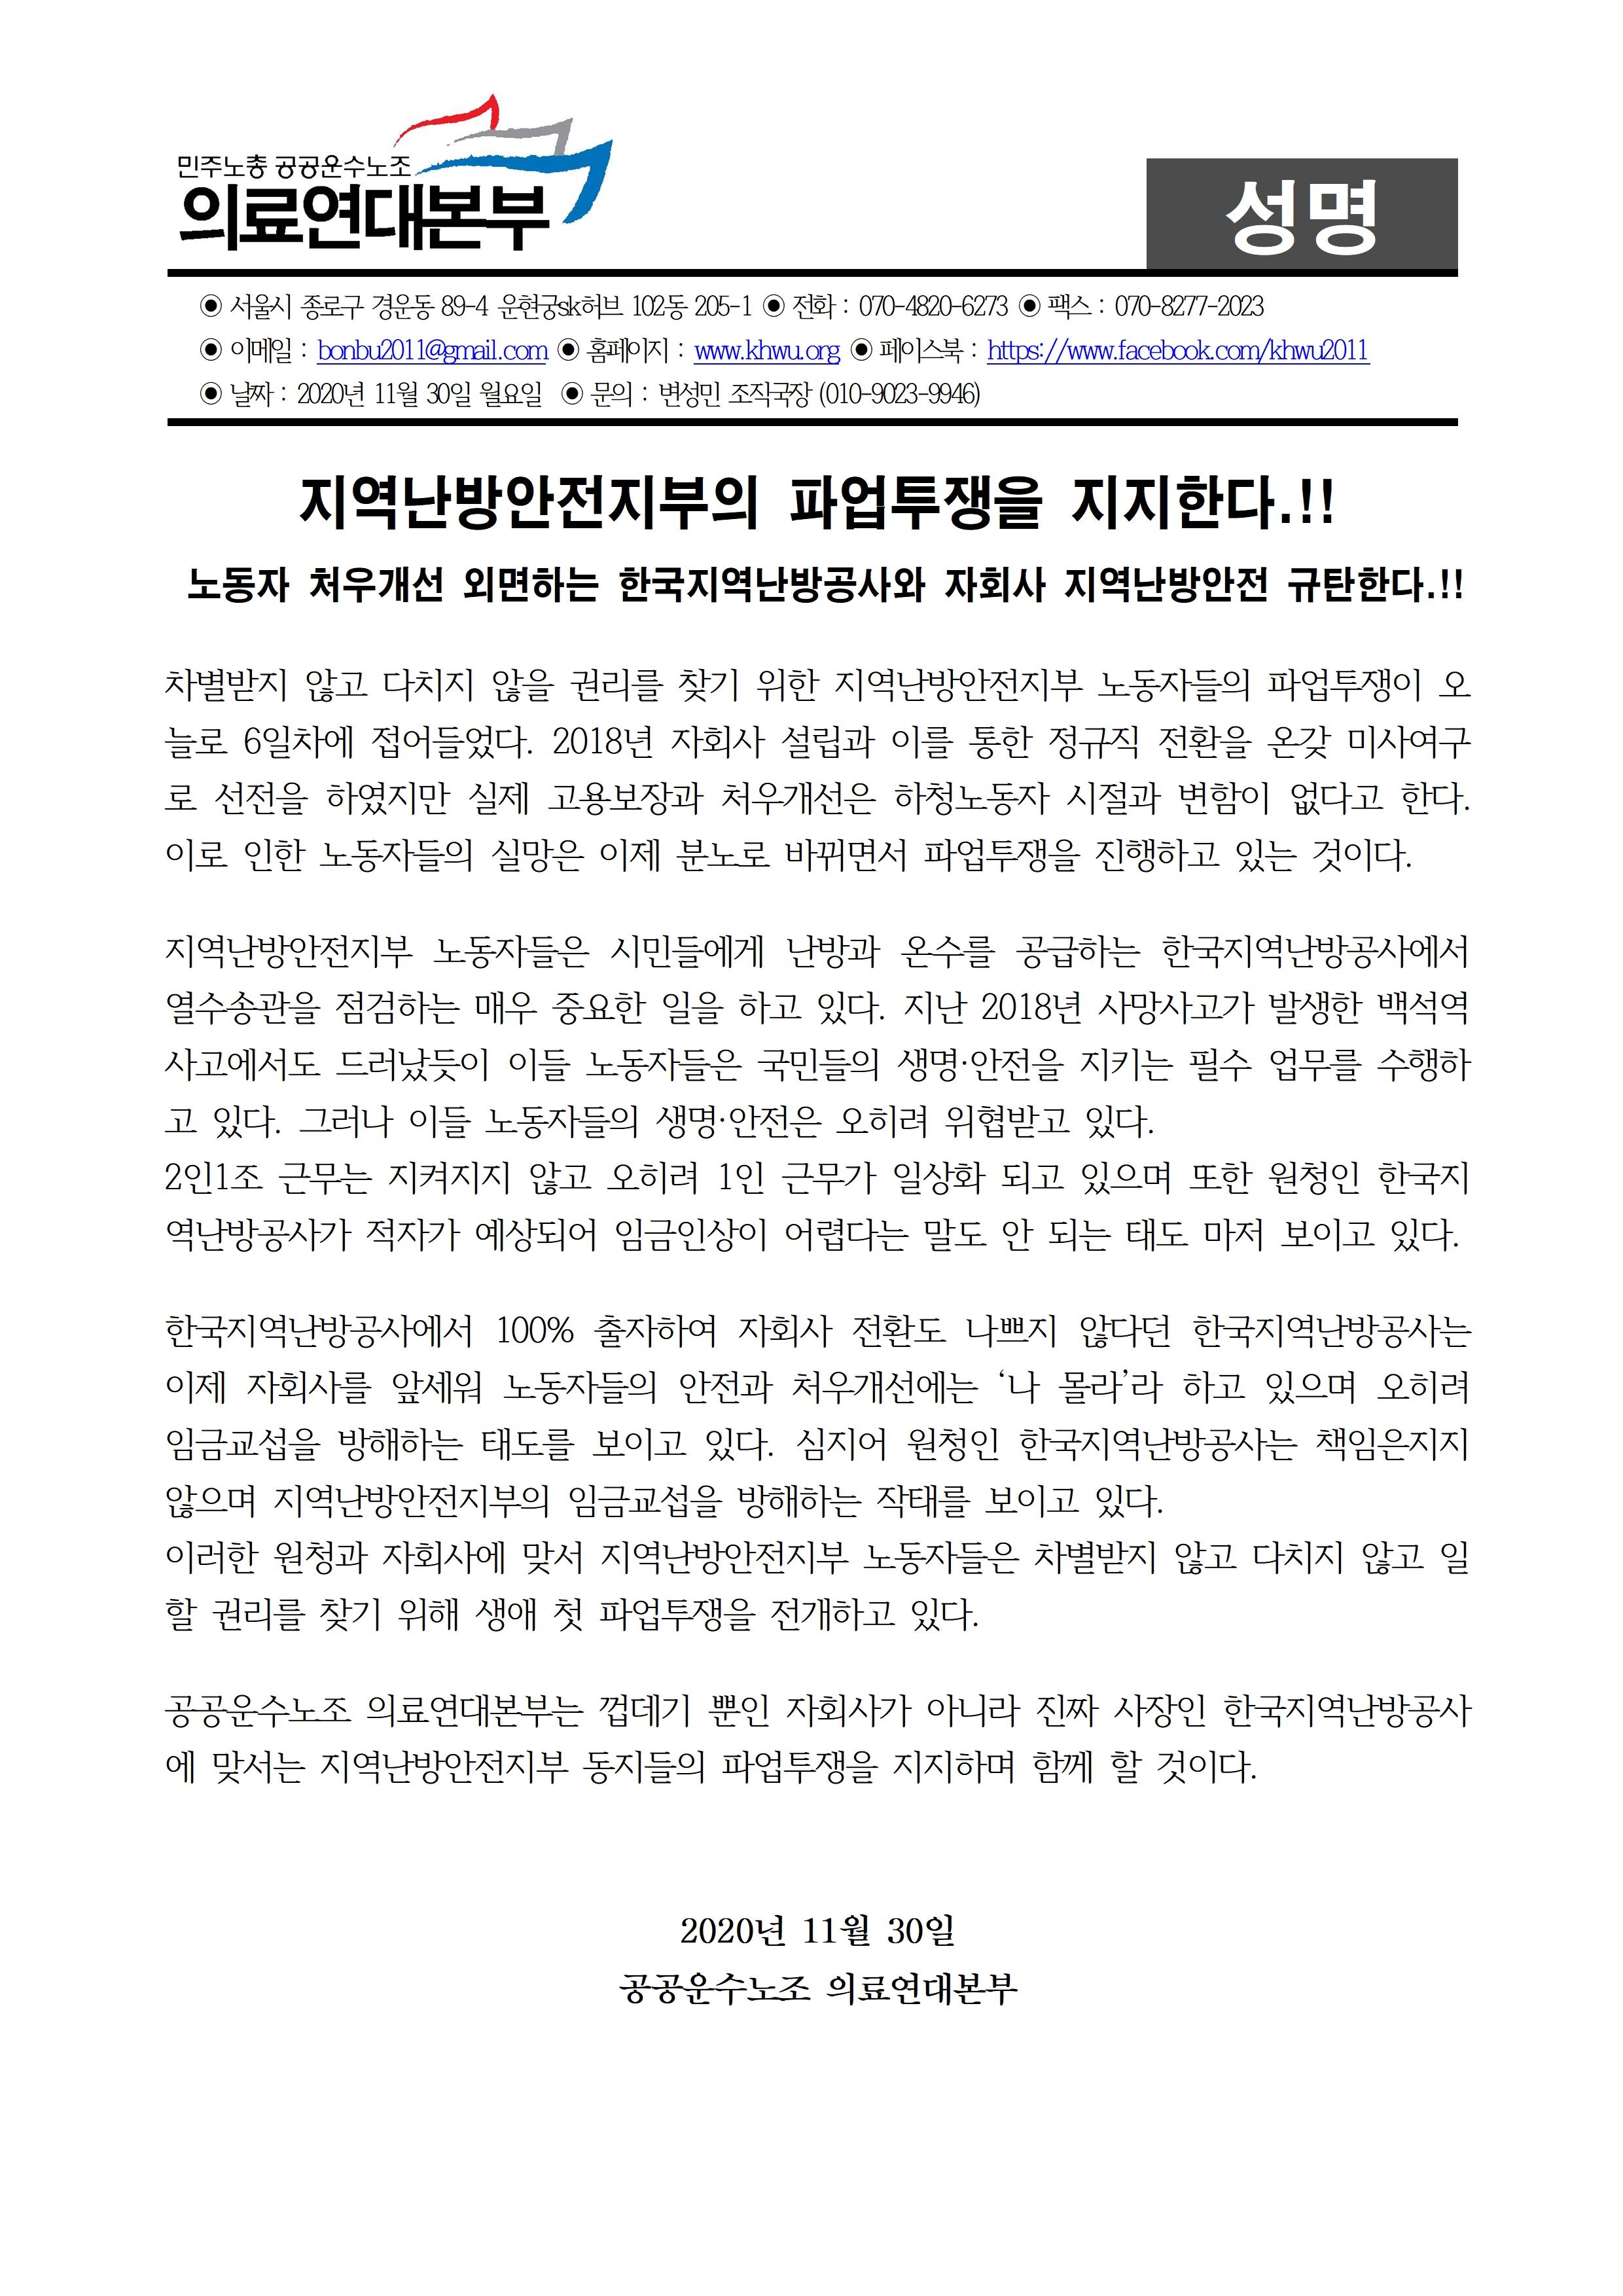 20201113 성명] 지역난방안전지부 파업투쟁 지지한다..jpg